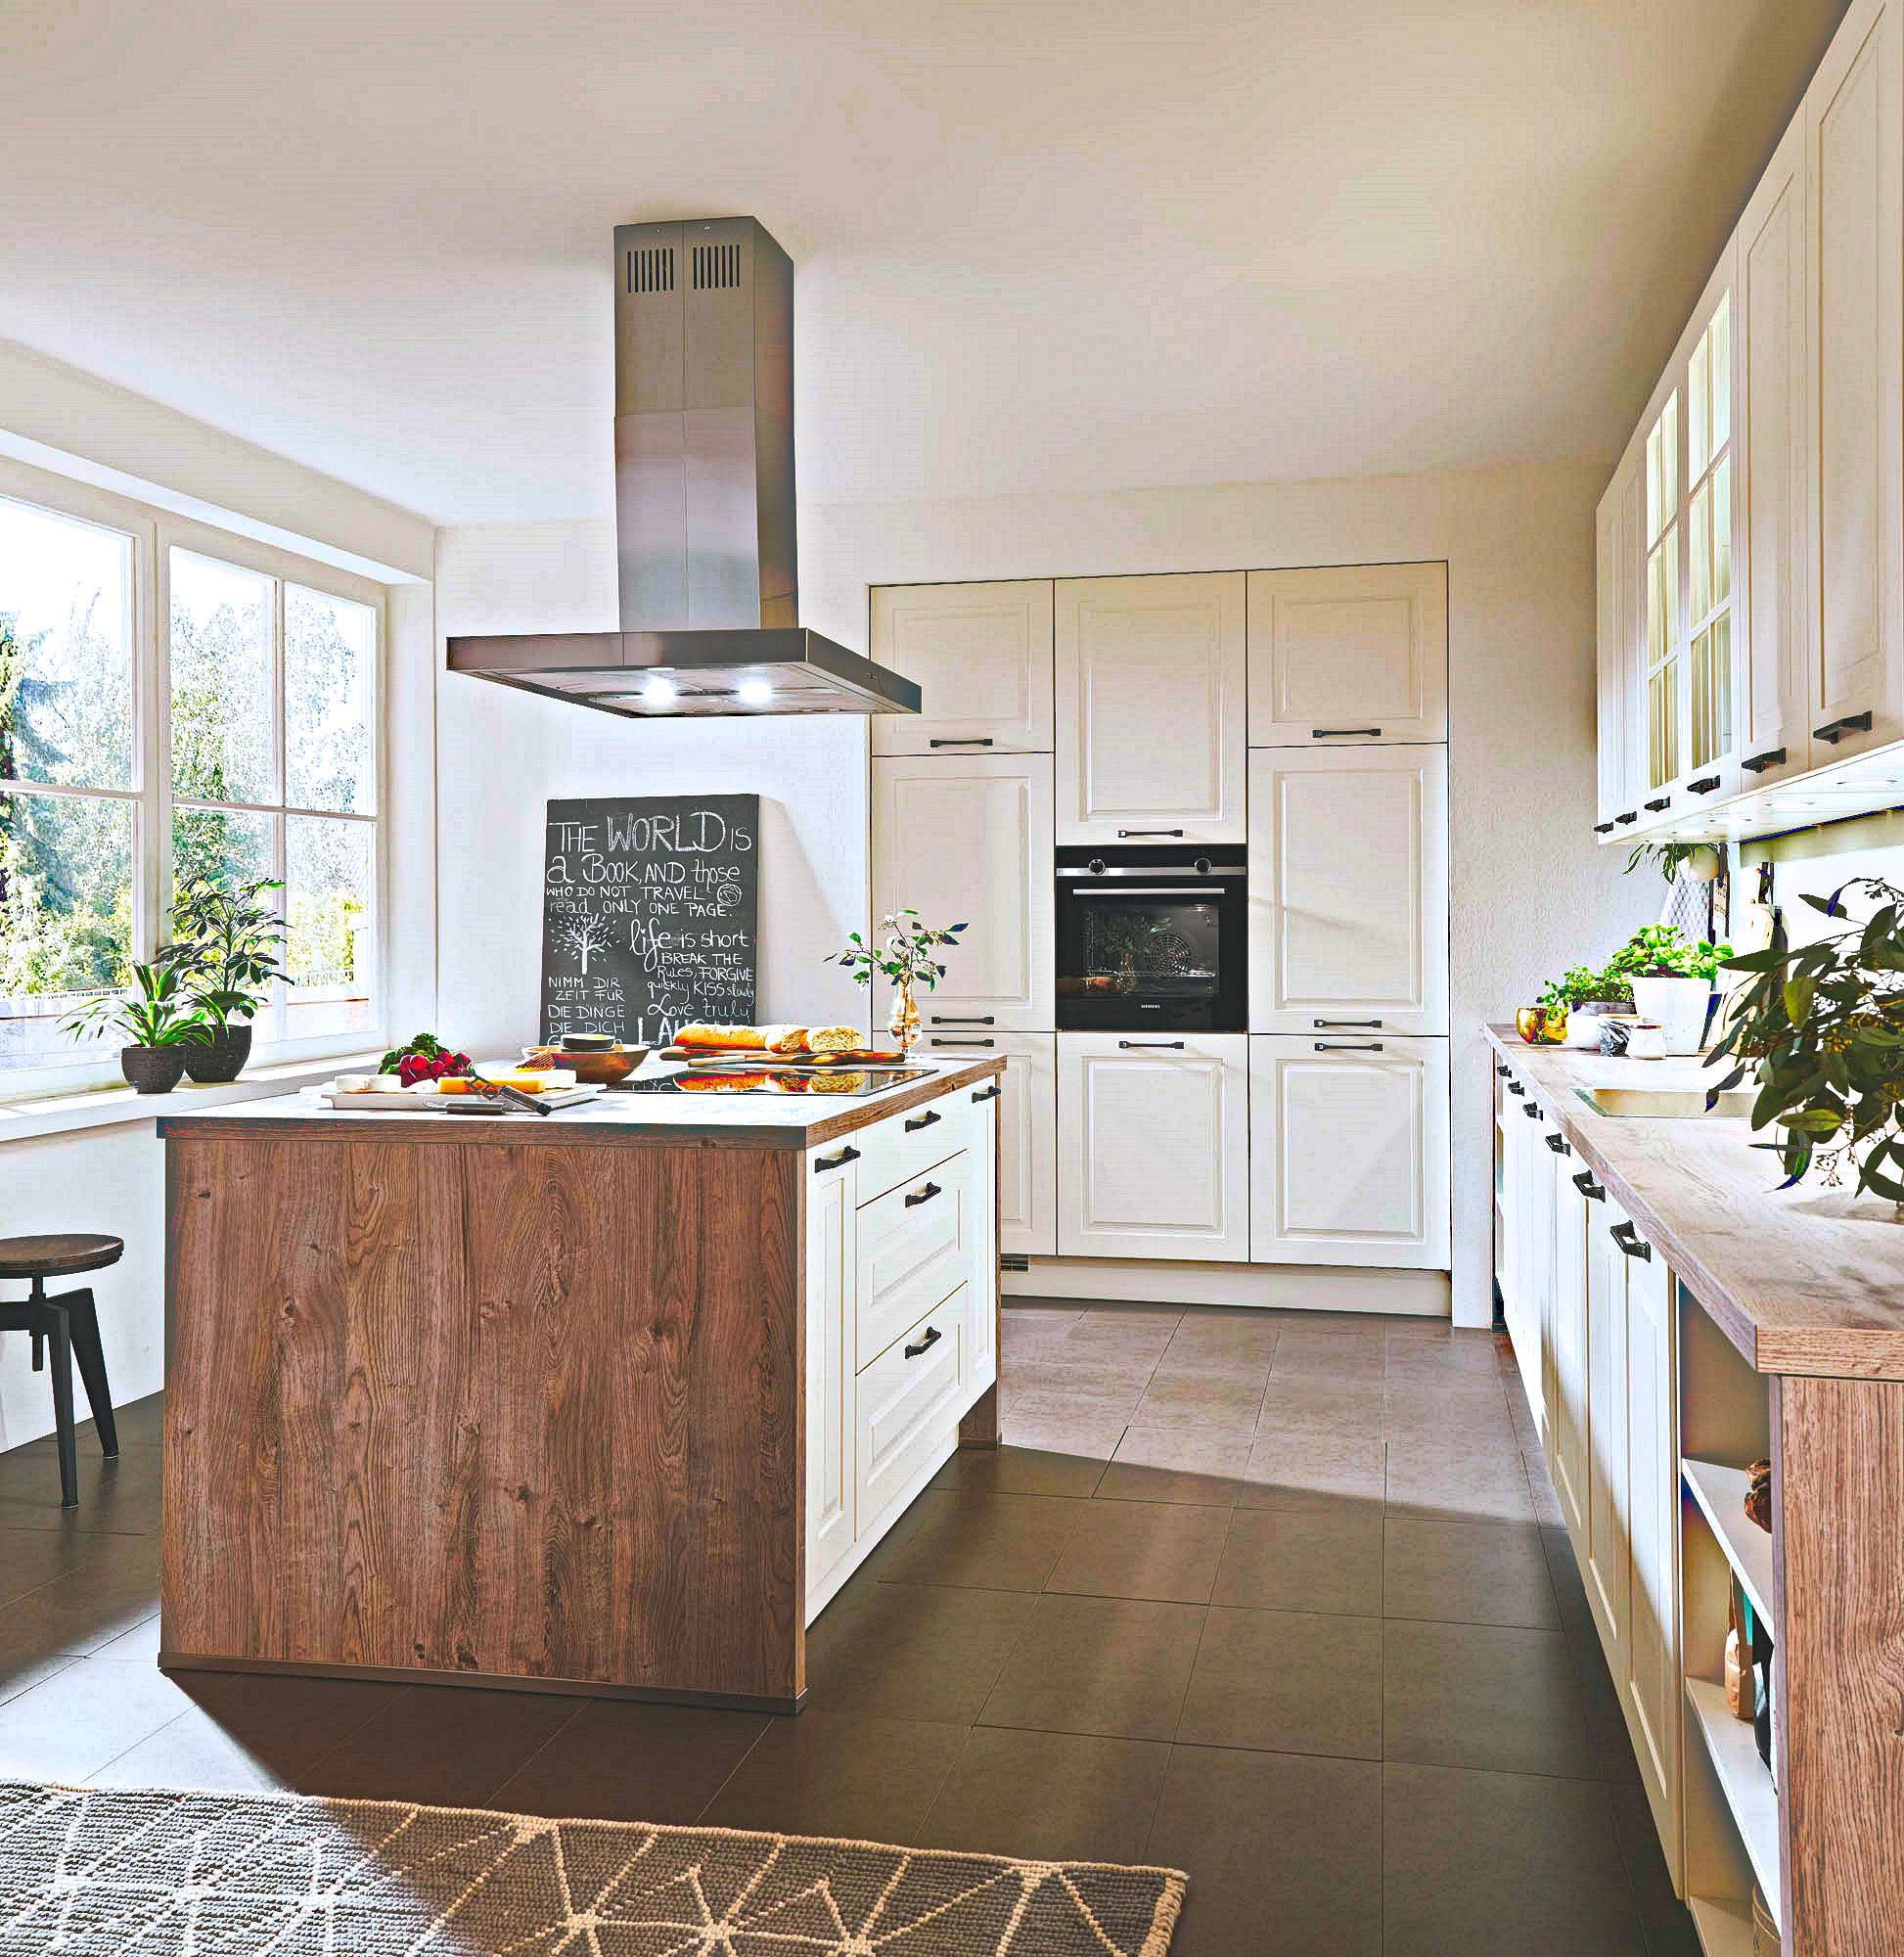 Full Size of Rückwand Küche Online Rückwand Küche Selber Machen Rückwand Outdoor Küche Rückwand Küche Eigenes Motiv Küche Nischenrückwand Küche